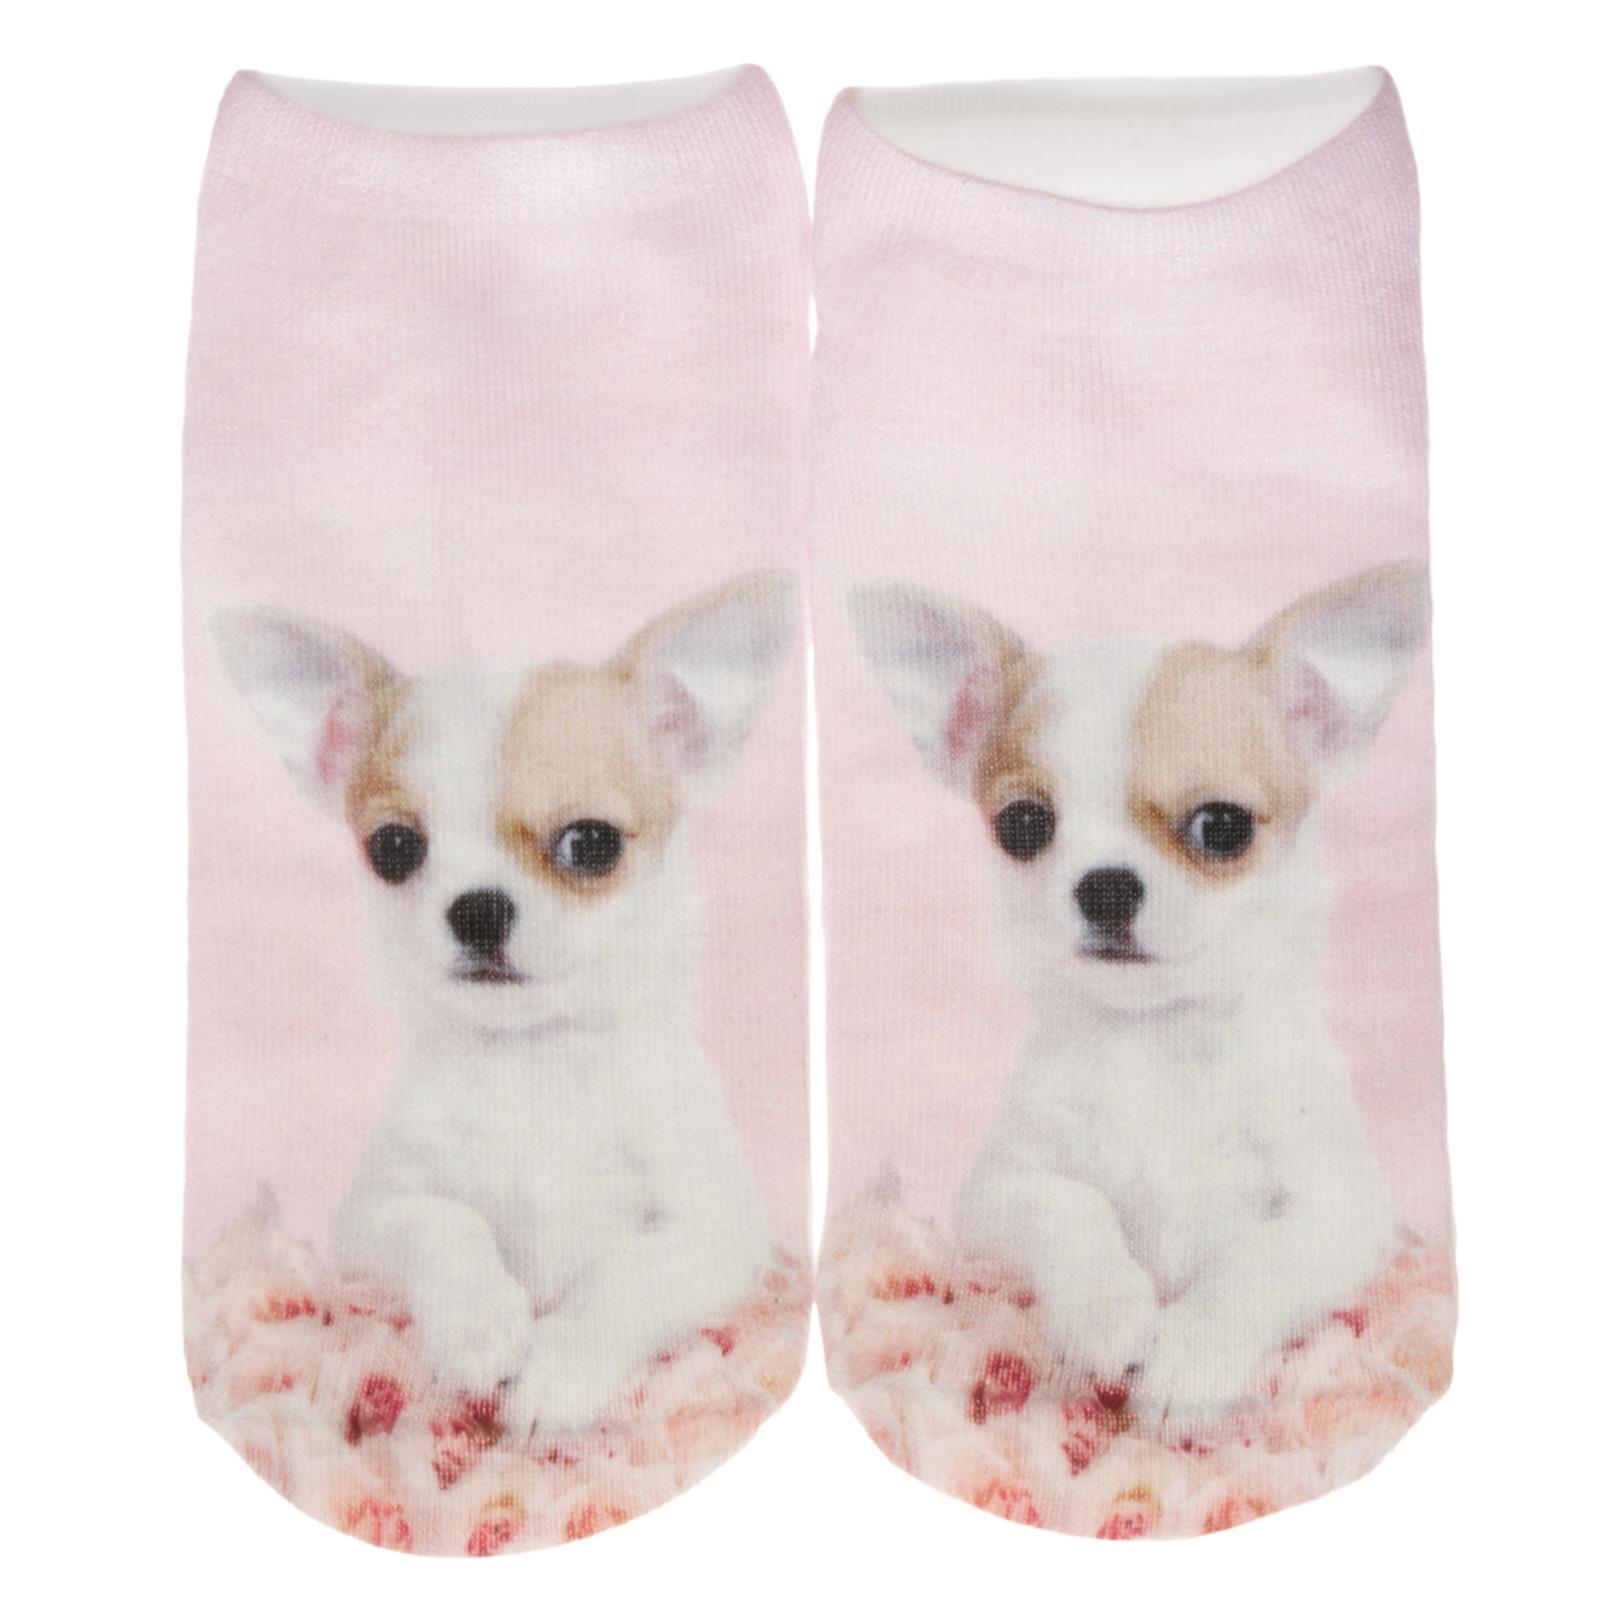 Cosey – 1 Paia Sneaker Calzini Breve Polarzip – Chihuahua – Flexigröße 33-40-mostra Il Titolo Originale E Avere Una Lunga Vita